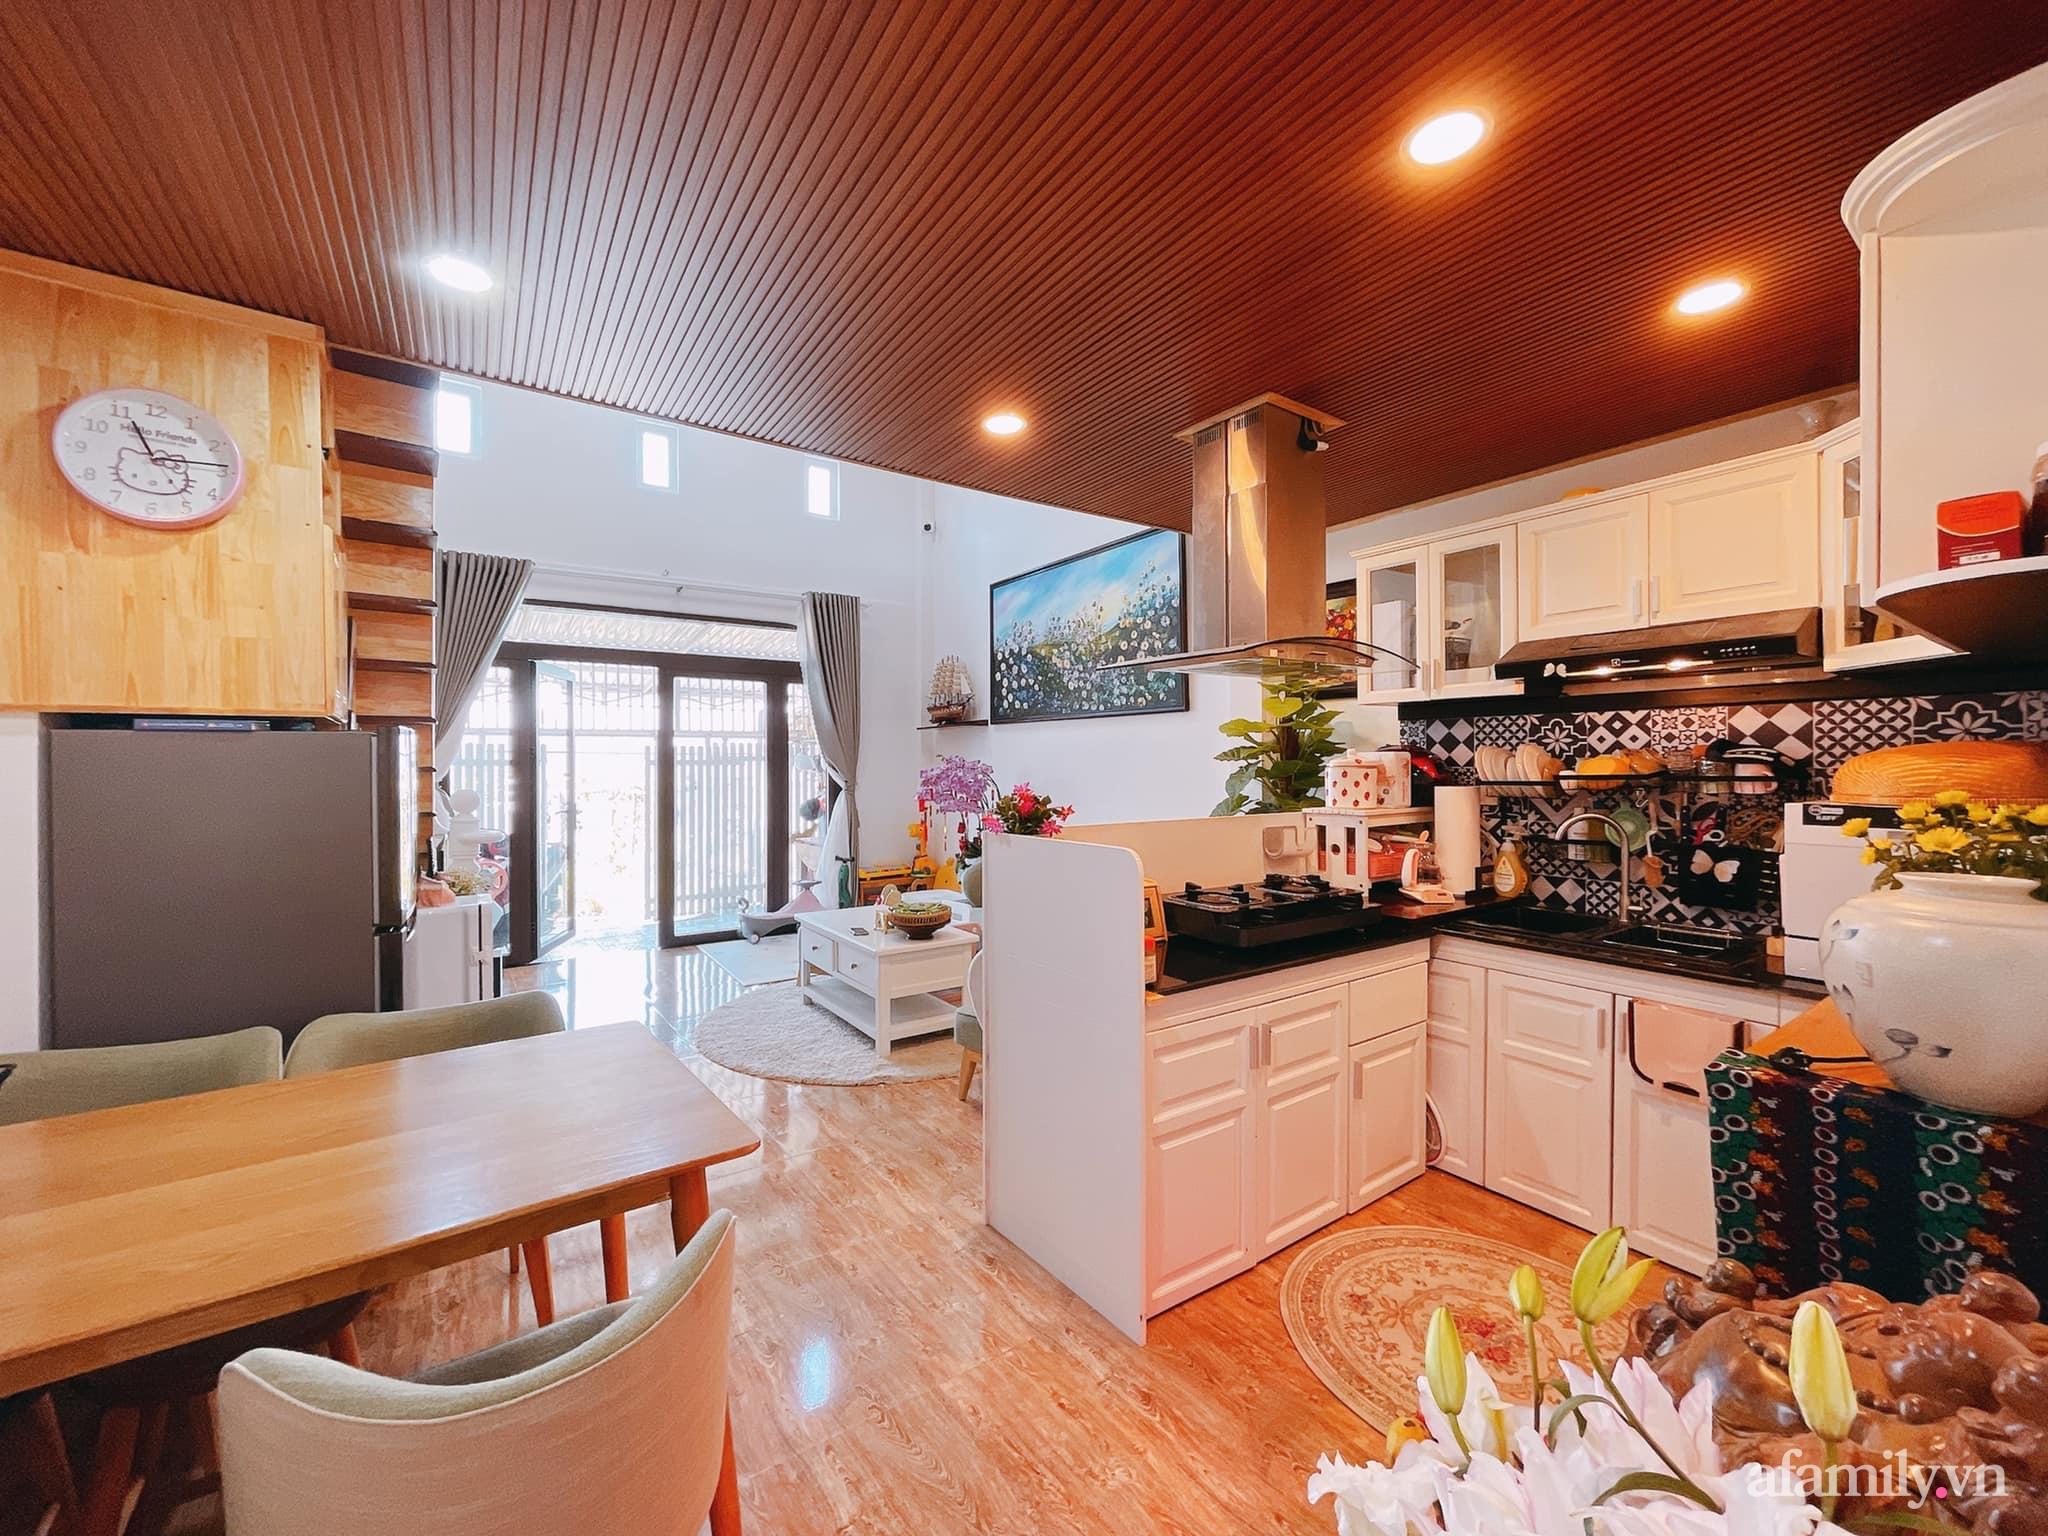 Mua lại căn nhà 63m², cặp vợ chồng trẻ cải tạo thành không gian sống ấm cúng, tiện nghi đủ đường ở Đà Lạt - Ảnh 13.